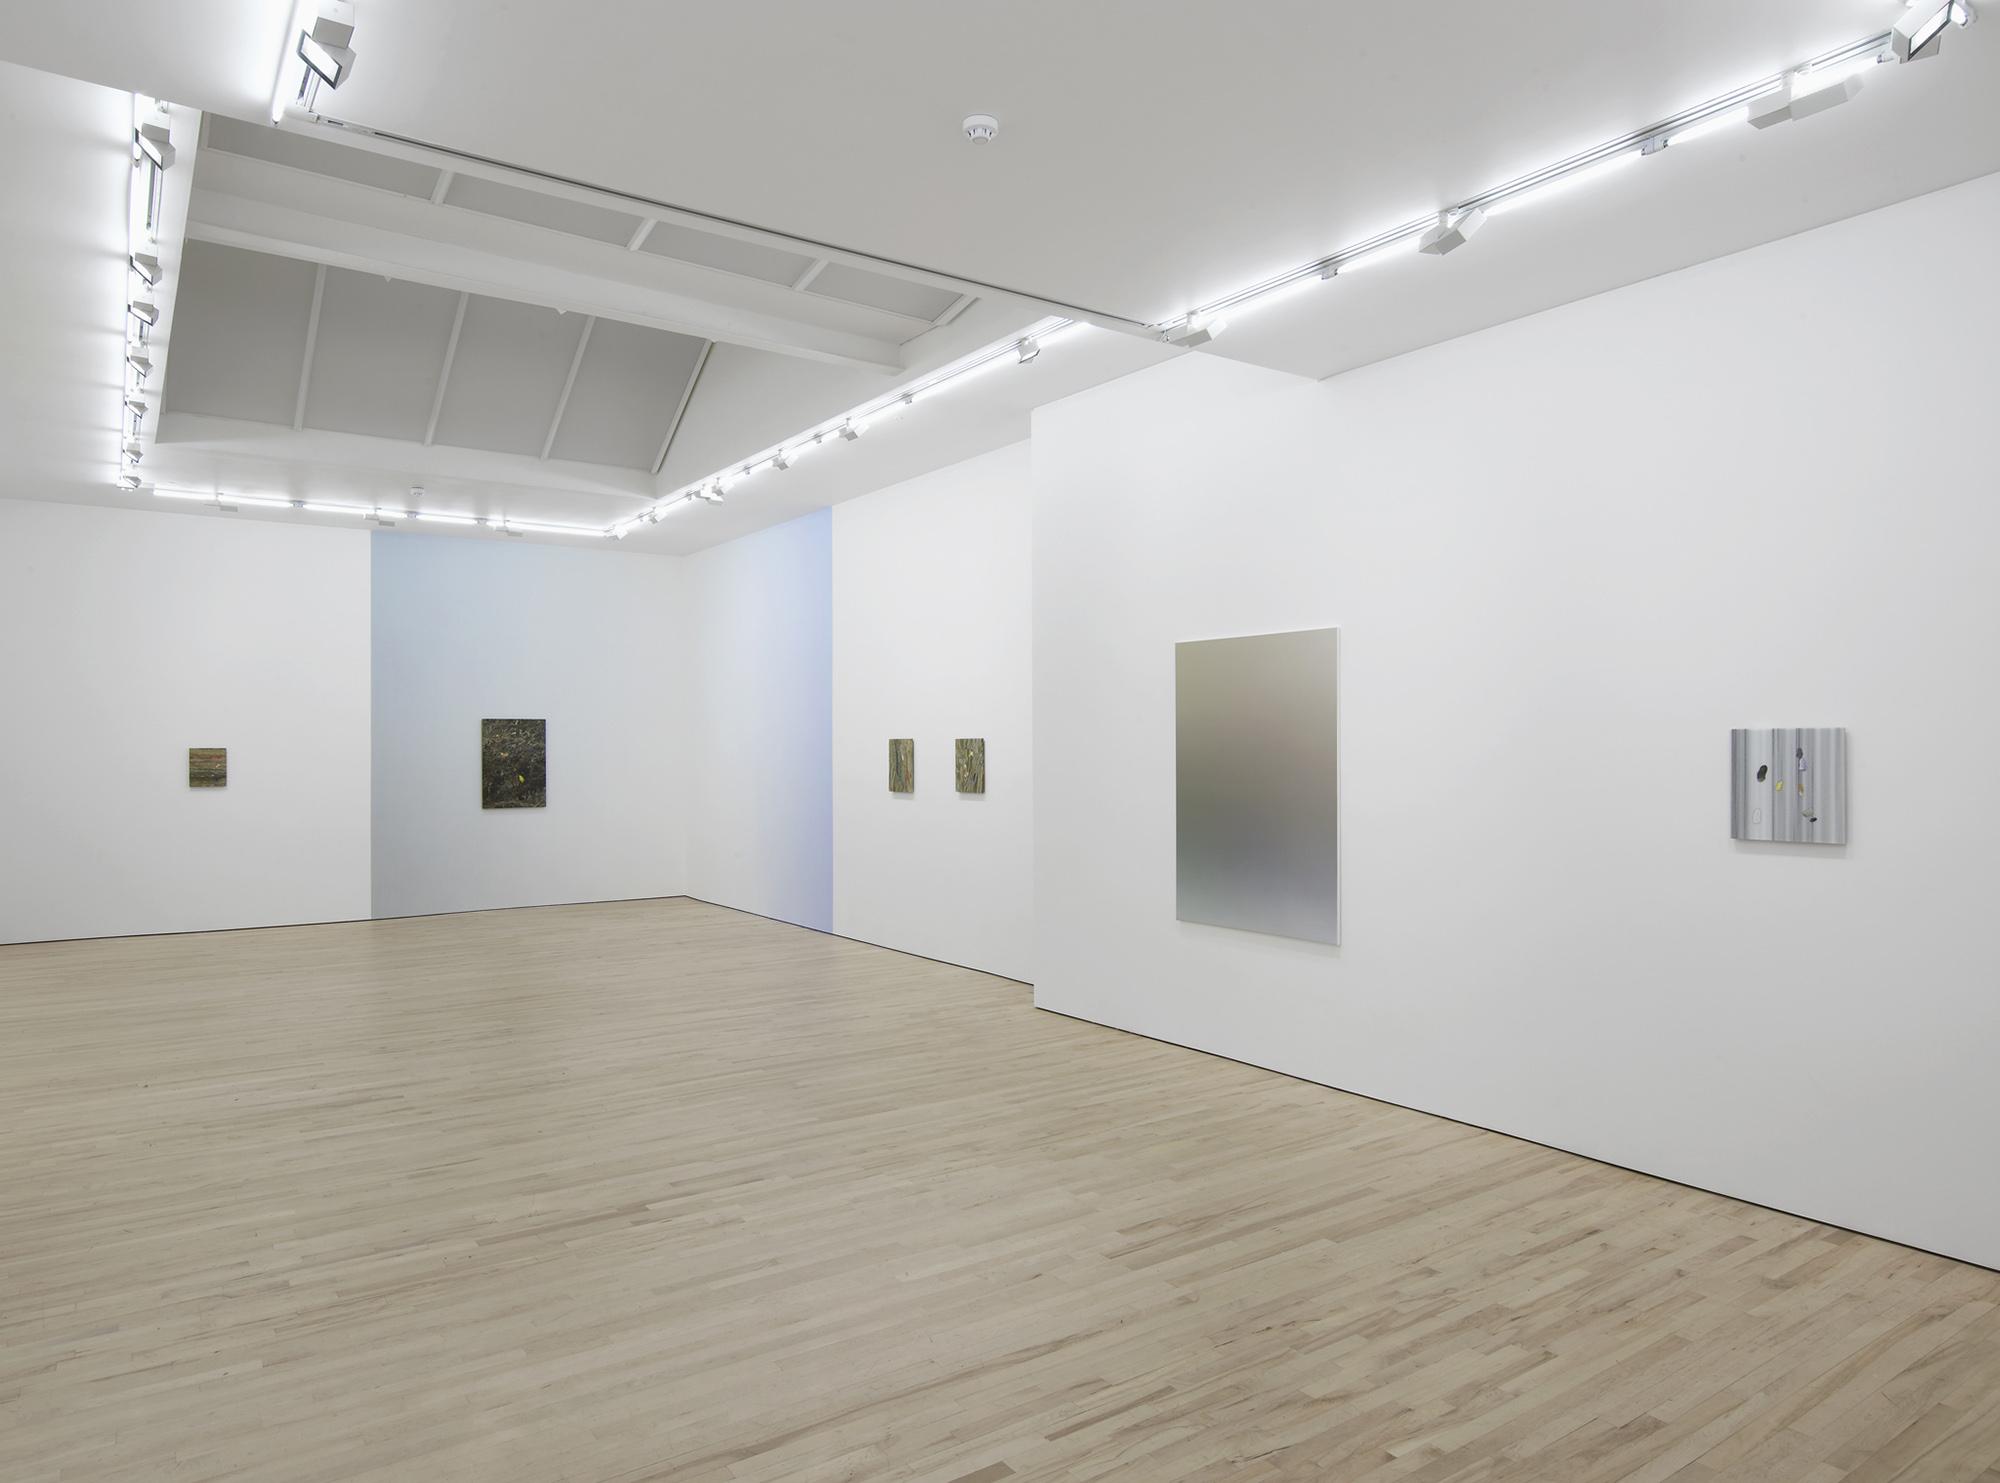 4 - Pieter Vermeersch at Carl Freedman Gallery London